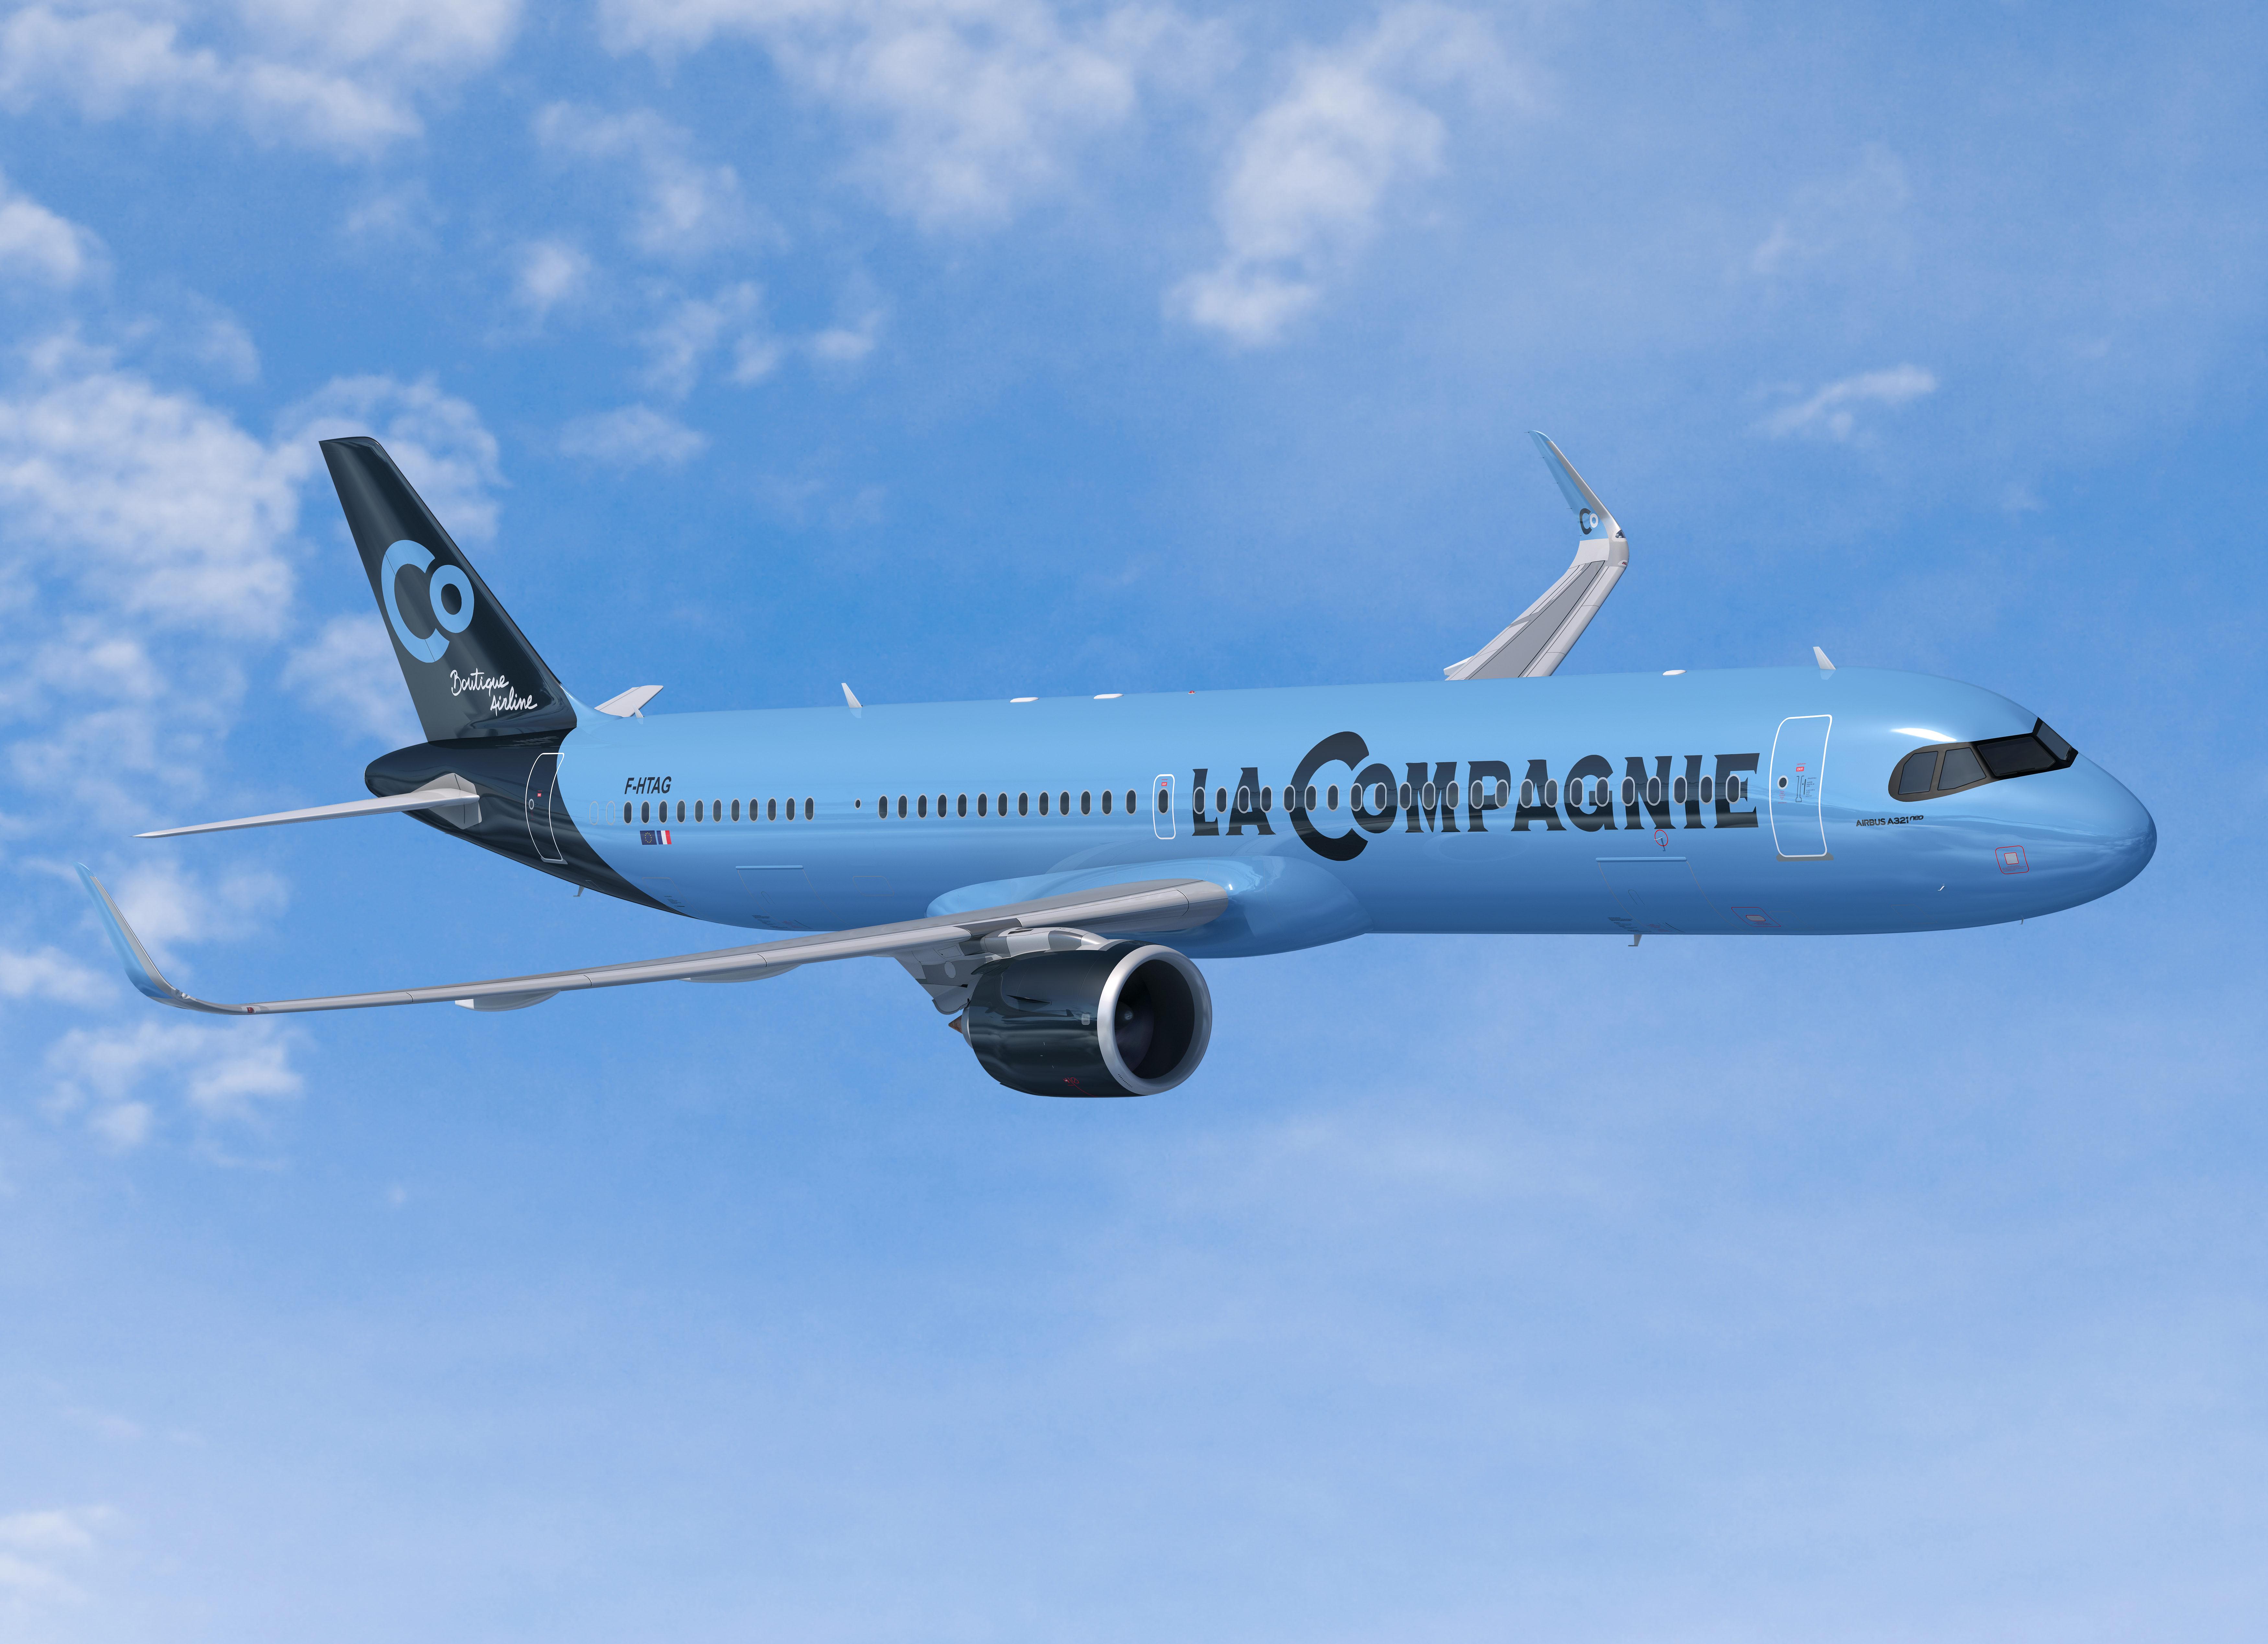 Exterieur A321neo